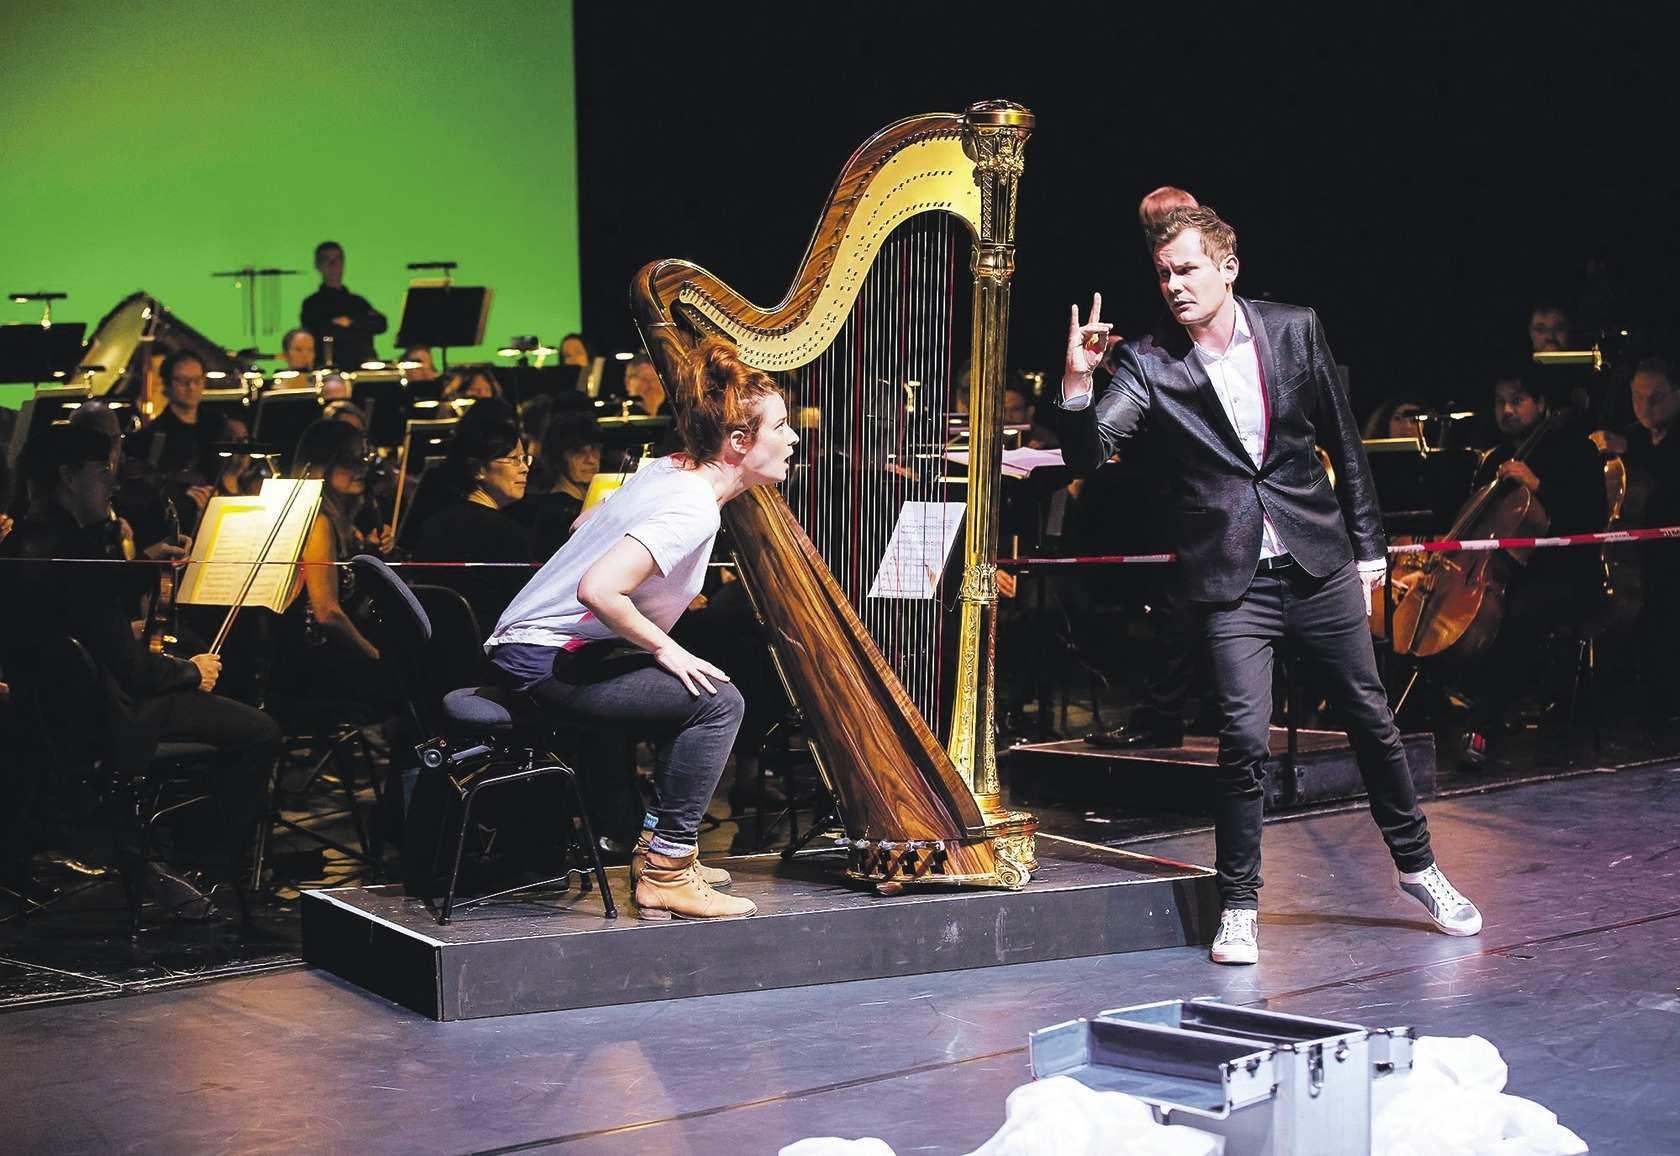 Kika Star Moderiert Konzert Im Heidelberger Theater Musik Ist Die Gesundeste Droge Nachrichten Aus Heidelberg Rnz